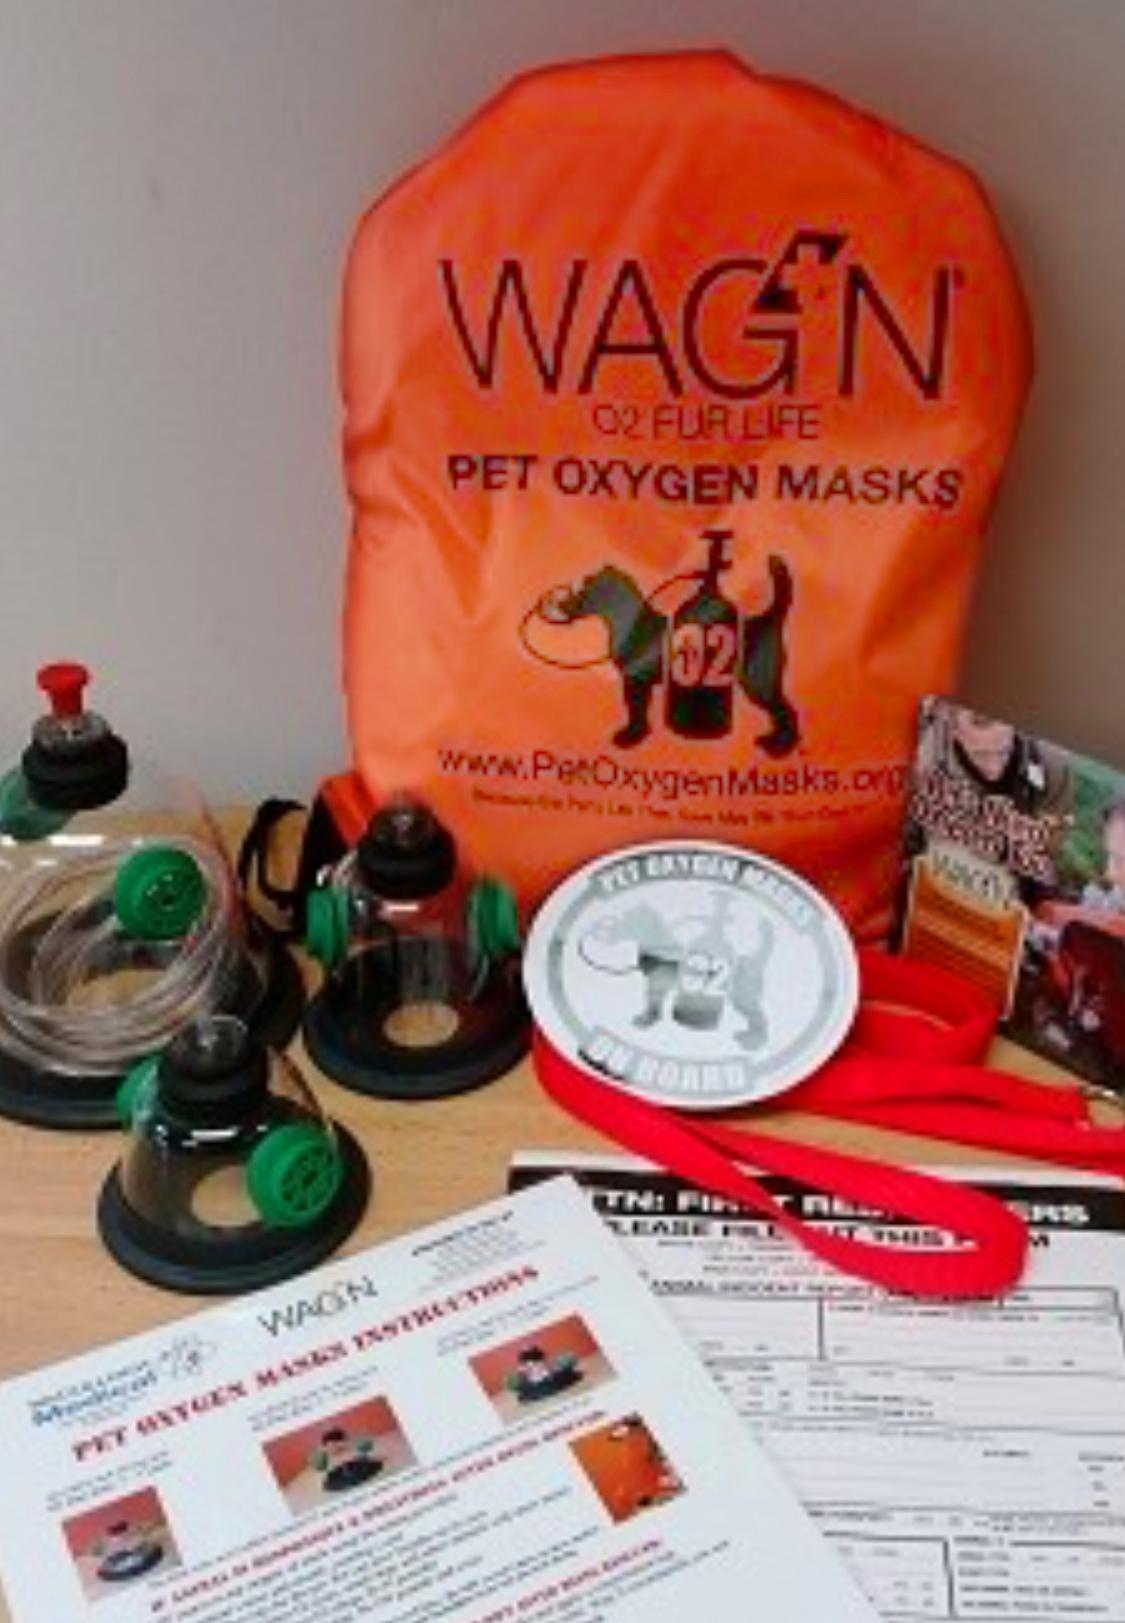 WAG'N oxygen masks for pets